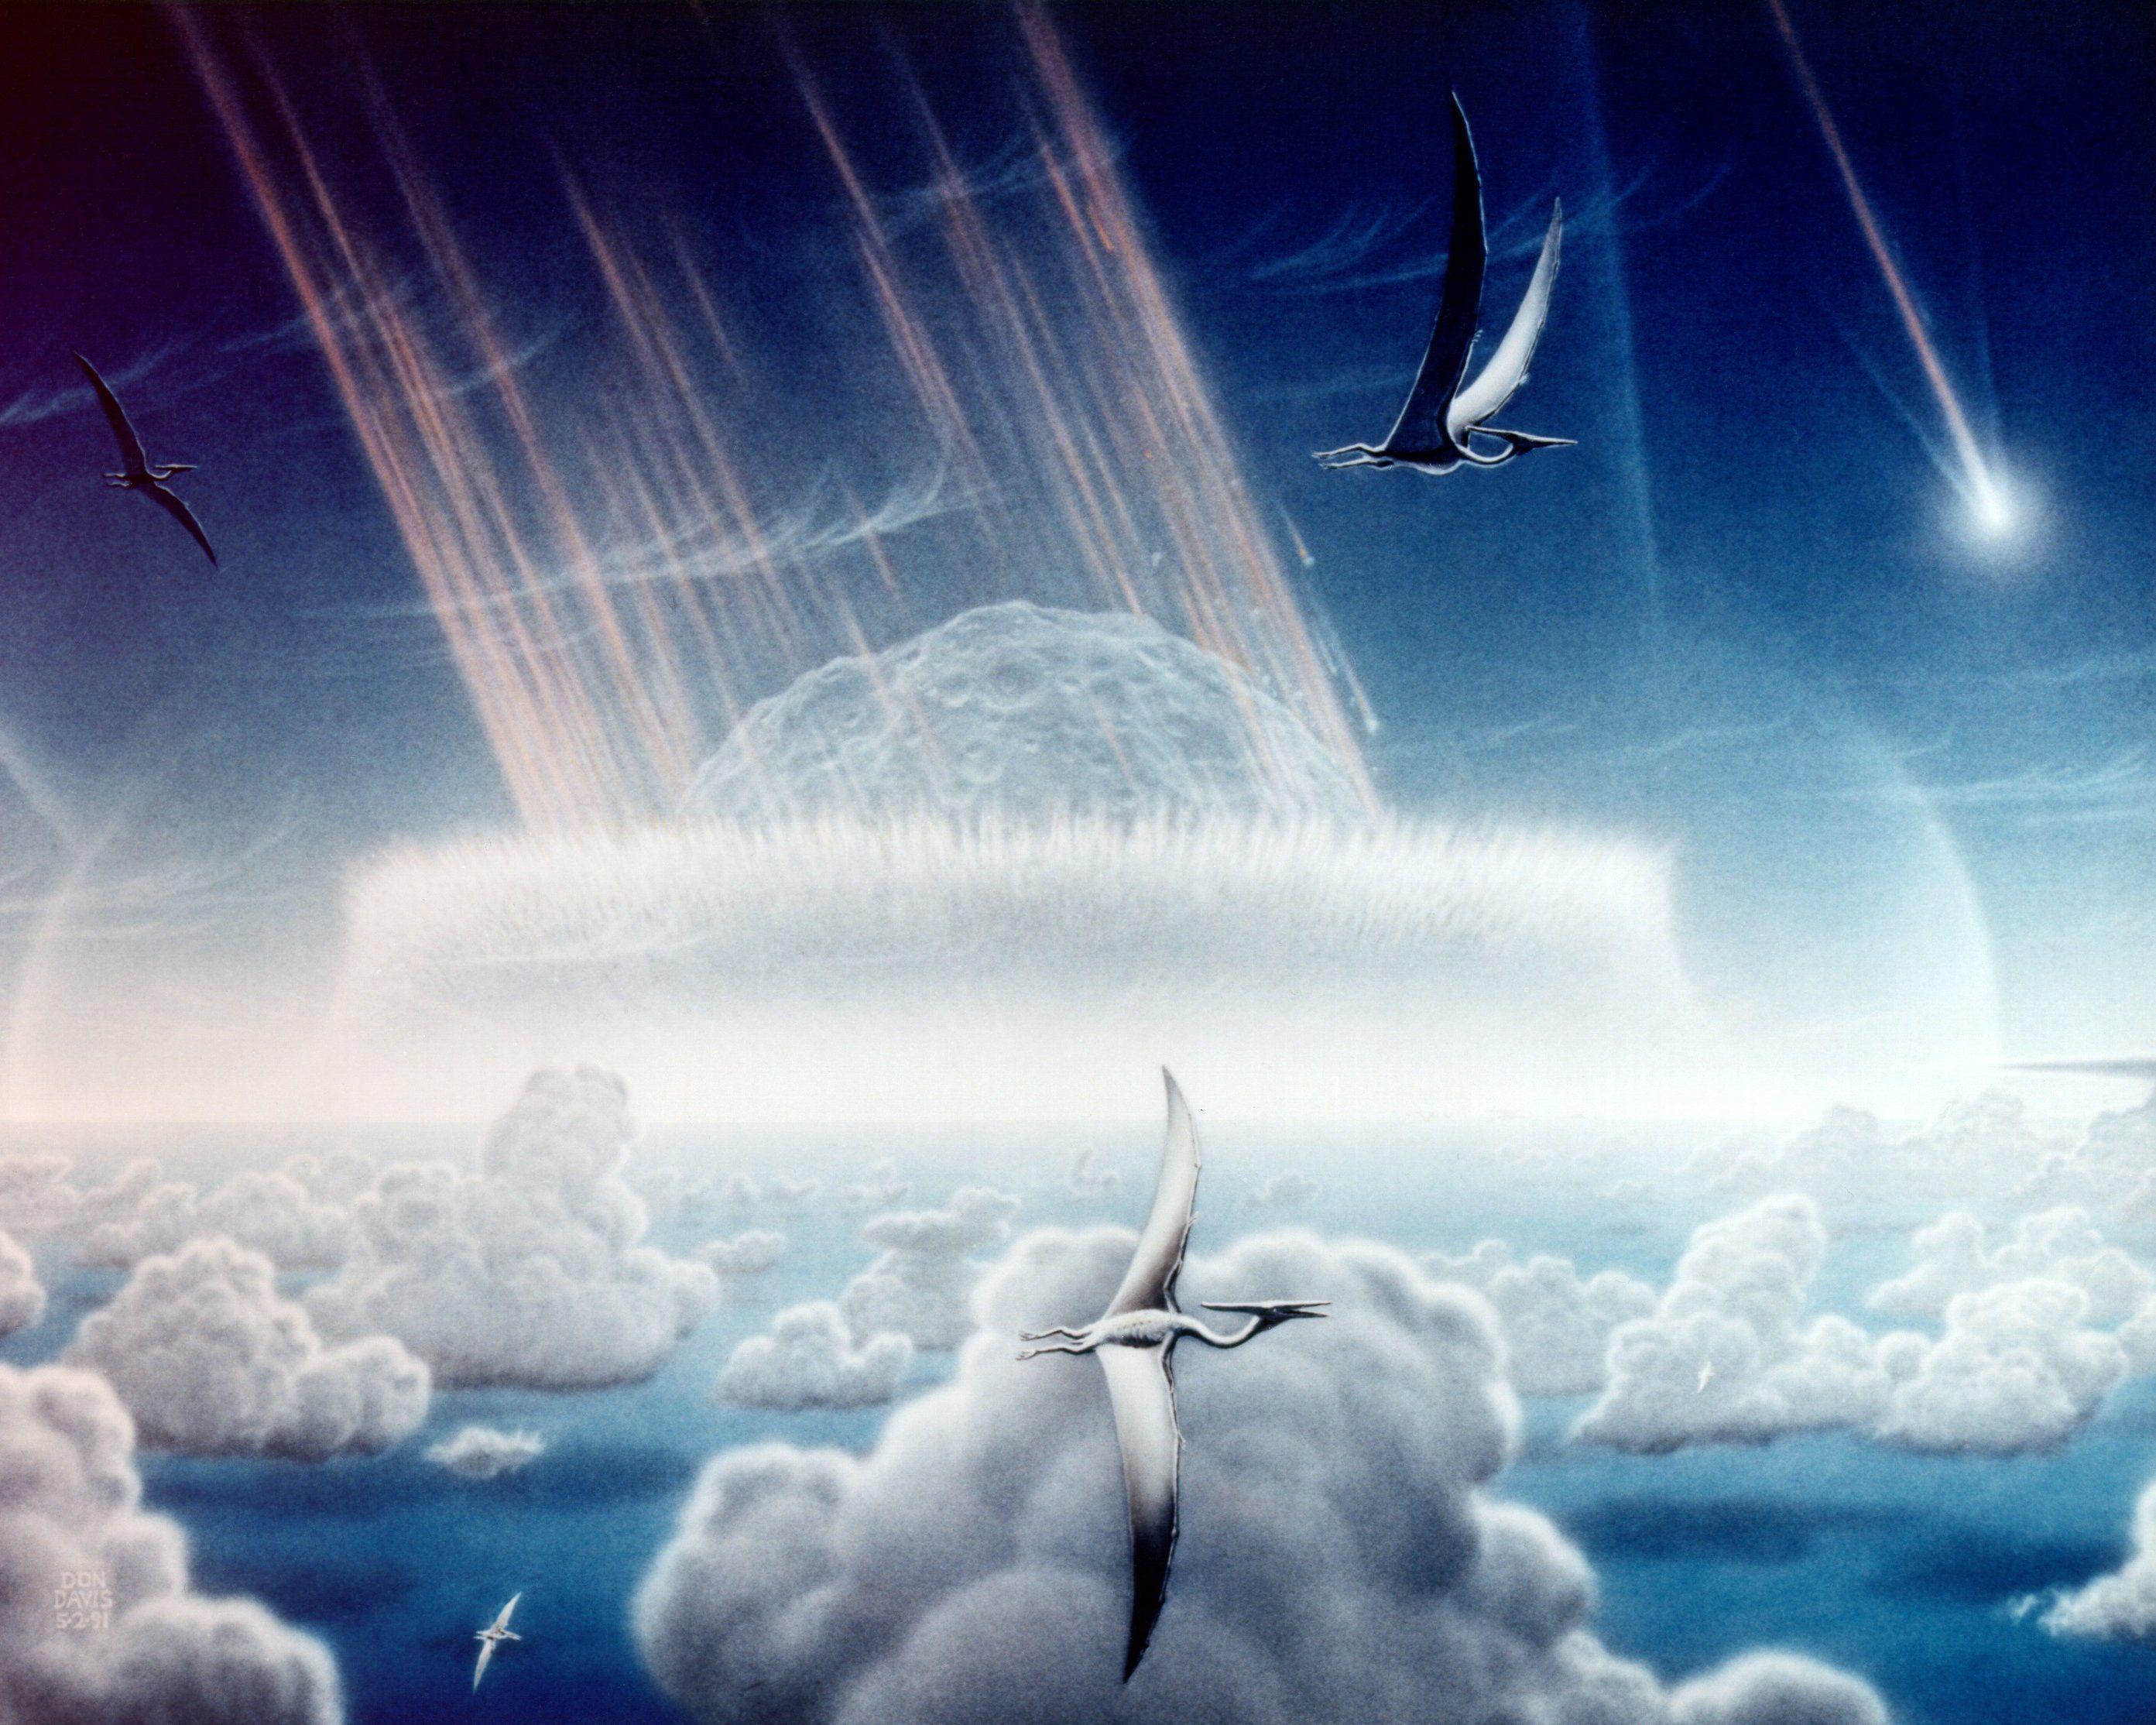 Чиксулубский мететорит разогревал планету в течение 100 000 лет, выяснили ученые